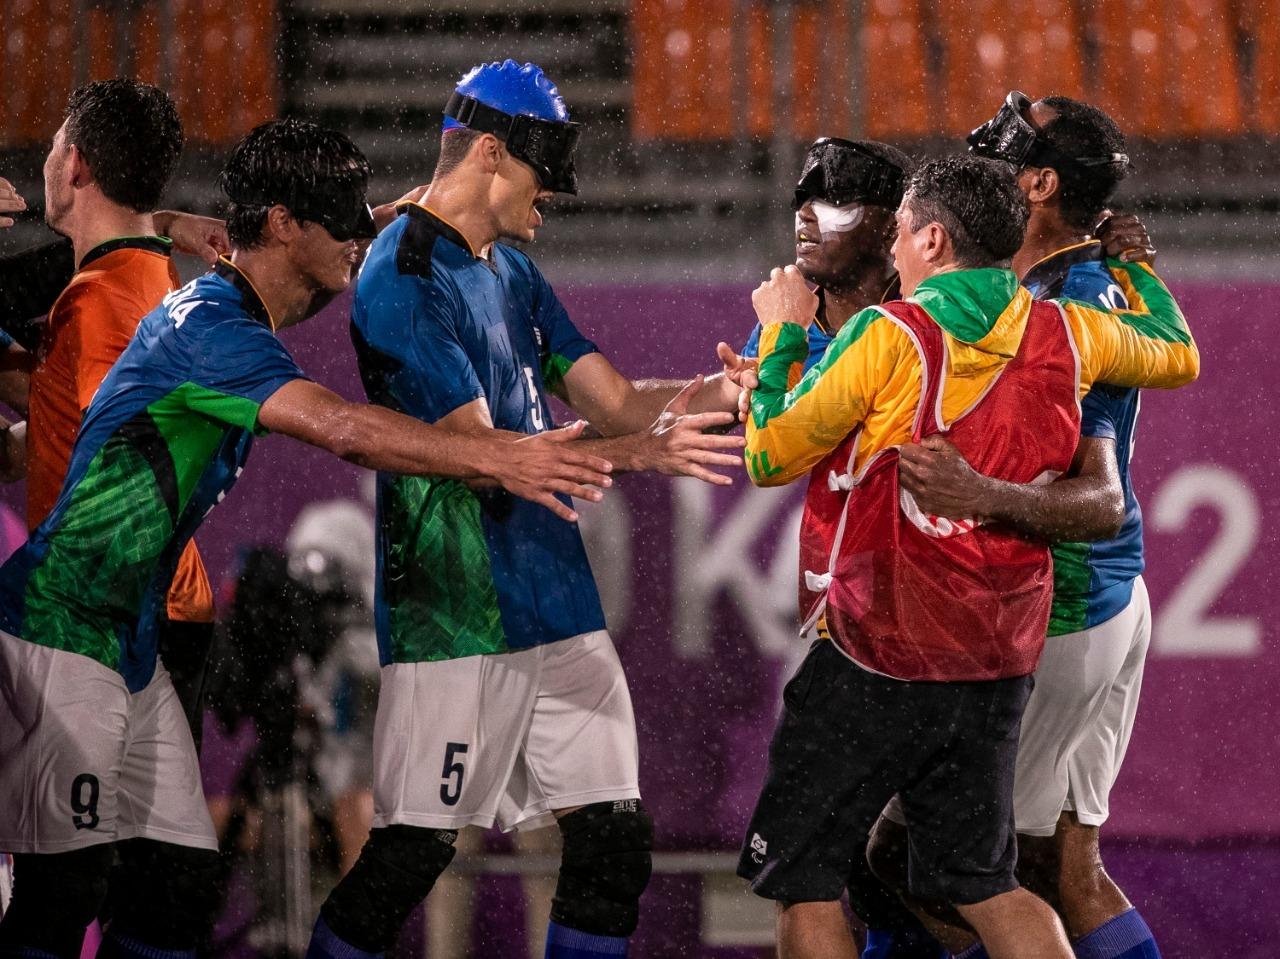 Os jogadores brasileiros, de camisa azul e calções brancos, se reúnem debaixo de chuva para comemorar o gol. Na imagem, Cássio e Tiago, dois homens brancos, estão de braços abertos para abraçar Jeffinho, homem preto, que vai até ao banco de reservas para comemorar com os colegas